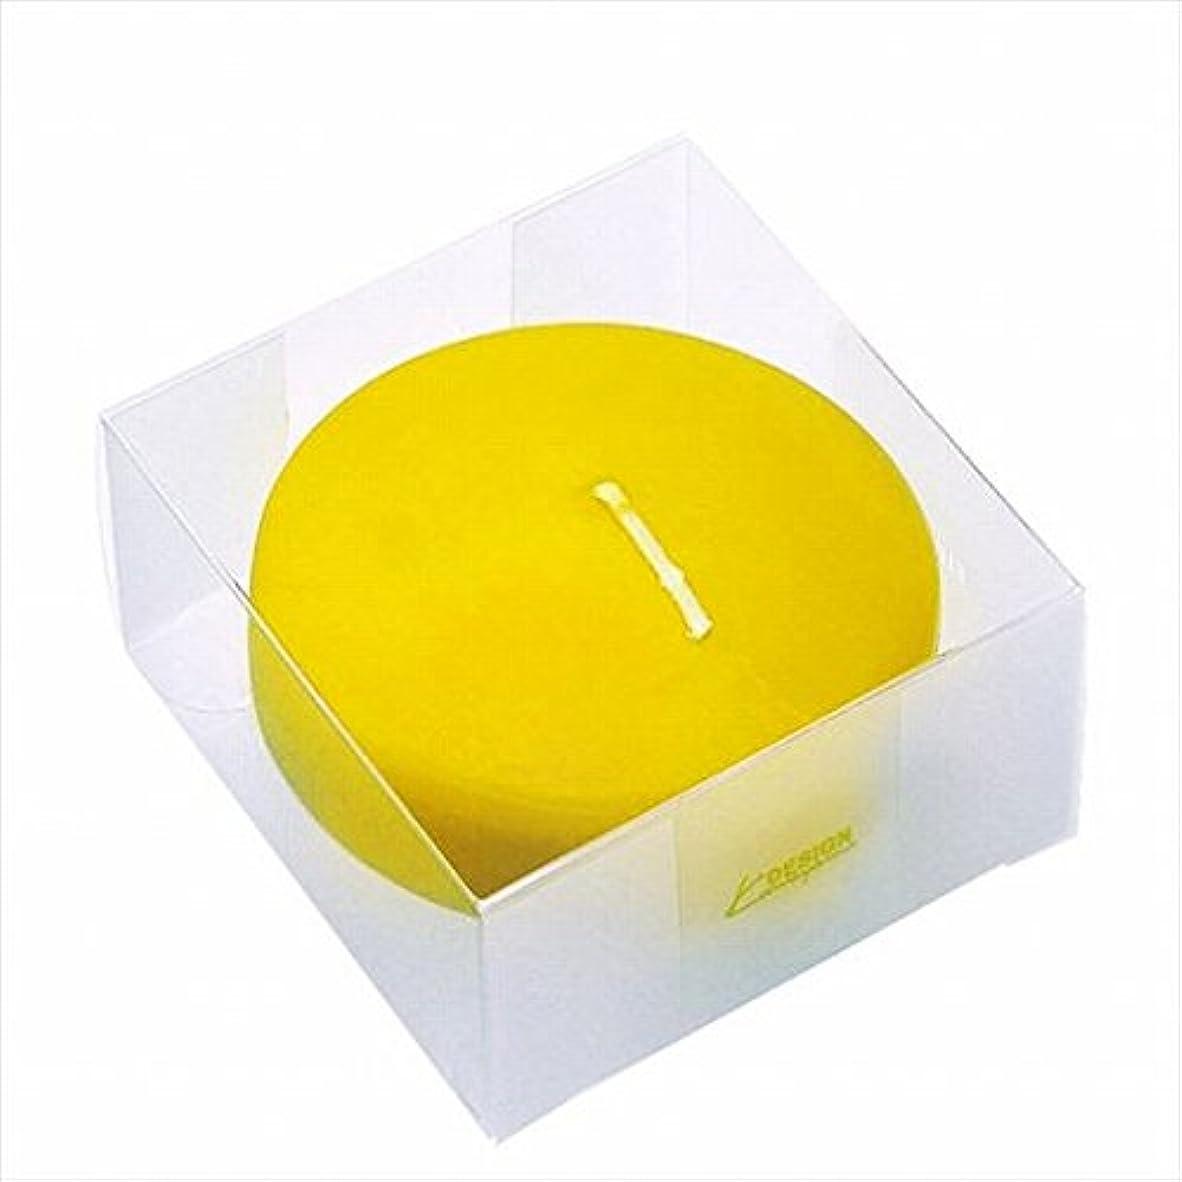 連結する債権者排気カメヤマキャンドル(kameyama candle) プール80(箱入り) 「 サン 」